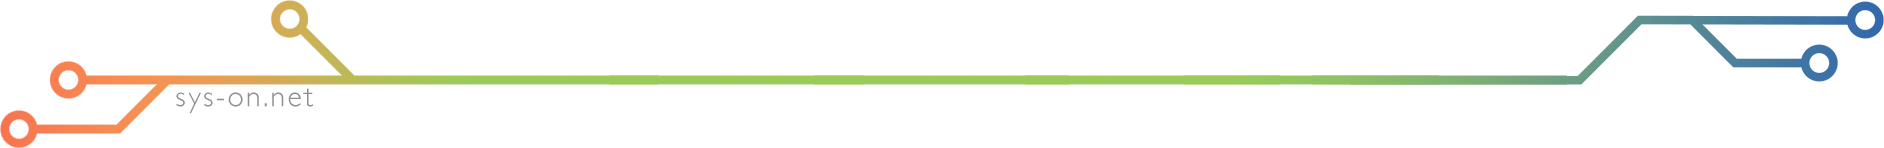 SeparatorNet - تقارير جديدة تشير إلى شواحن تعمل بالطاقة الشمسية، تُعد الخيار الأفضل لمحبي التجول